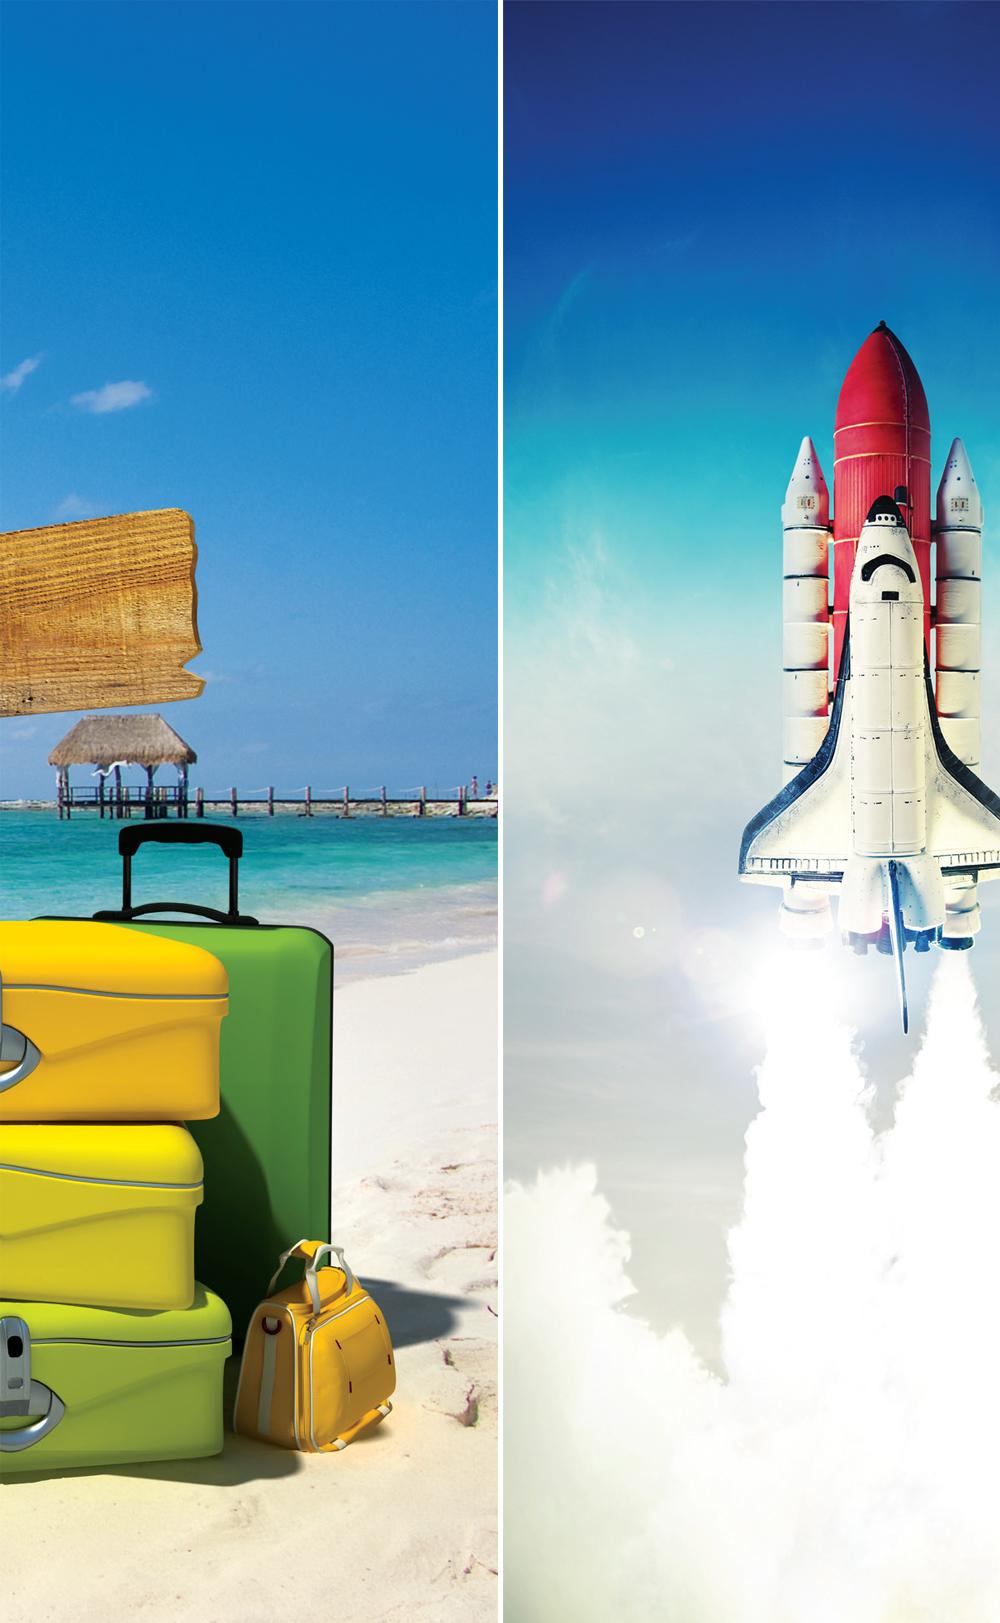 해변의 여행가방 / 이륙하는 우주선